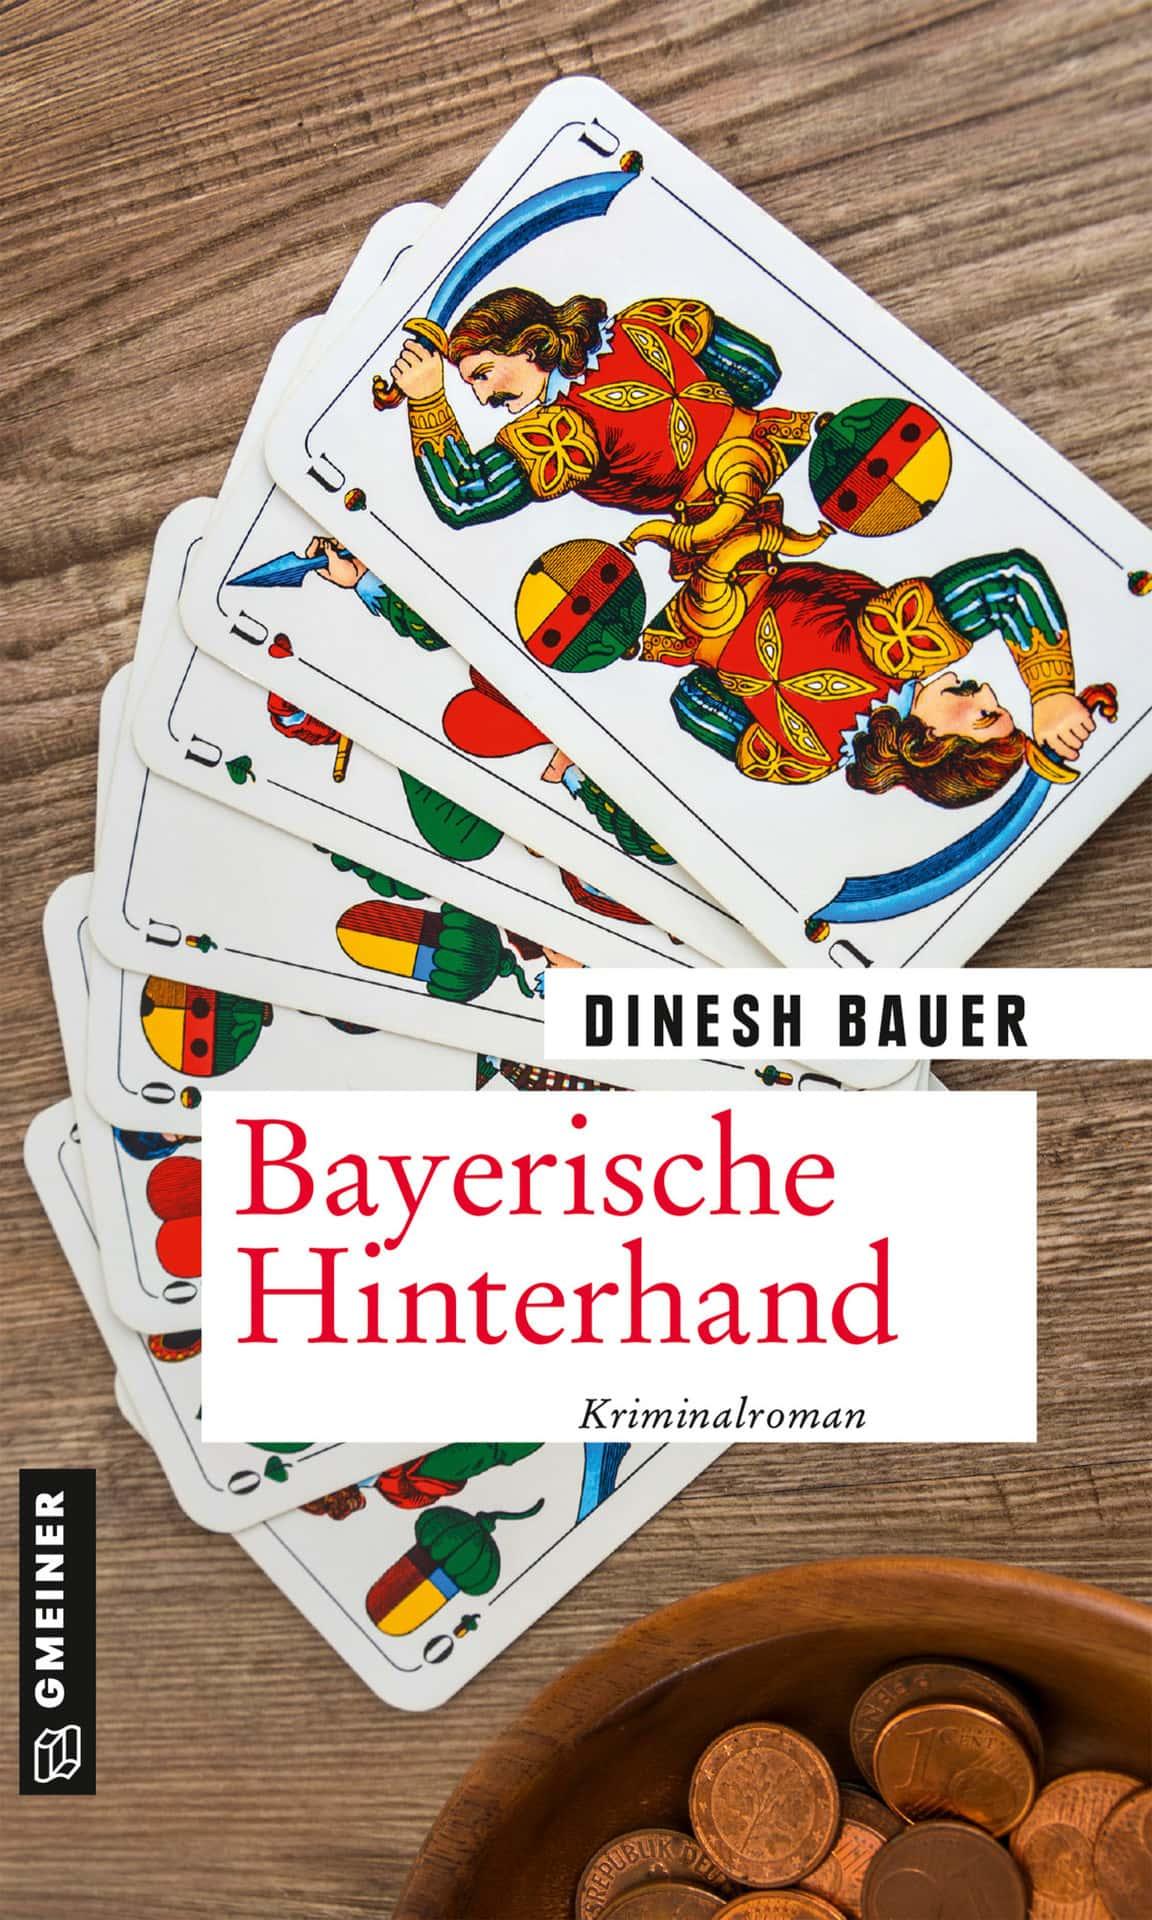 """""""Mit der Herz Sau in der Hand beißt niemand gern ins Gras"""" Blizz verlost drei Kriminalromane """"Bayerische Hinterhand"""" von Dinesh Bauer"""